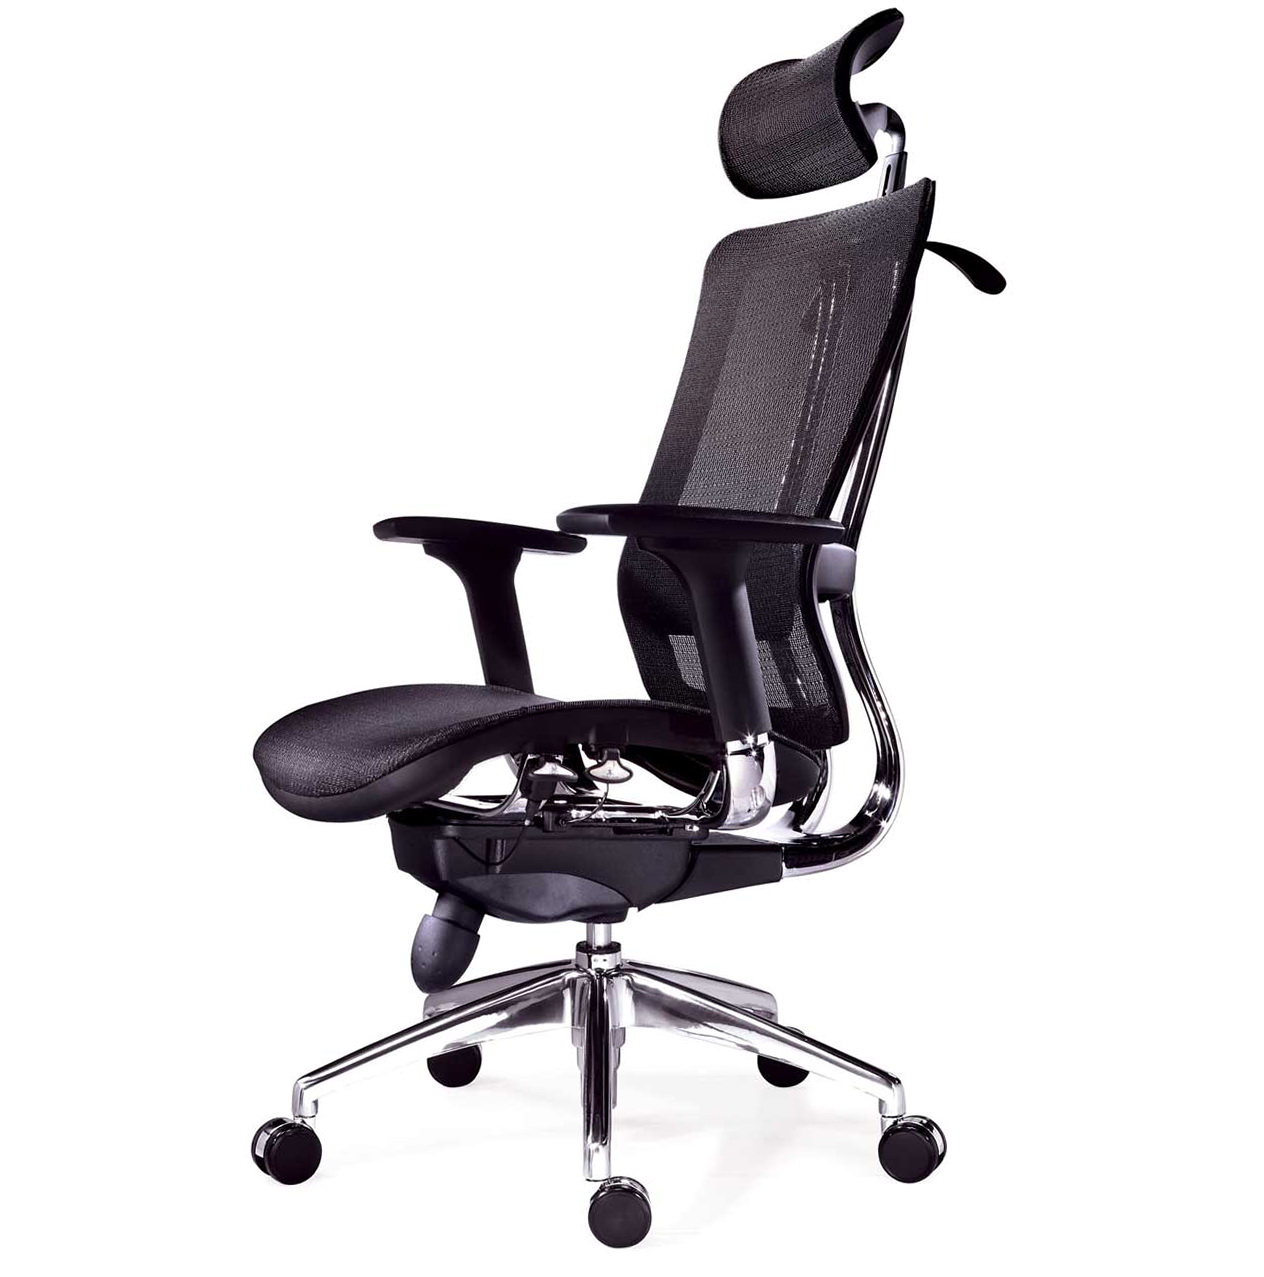 Best Seat Cushion For Sciatica